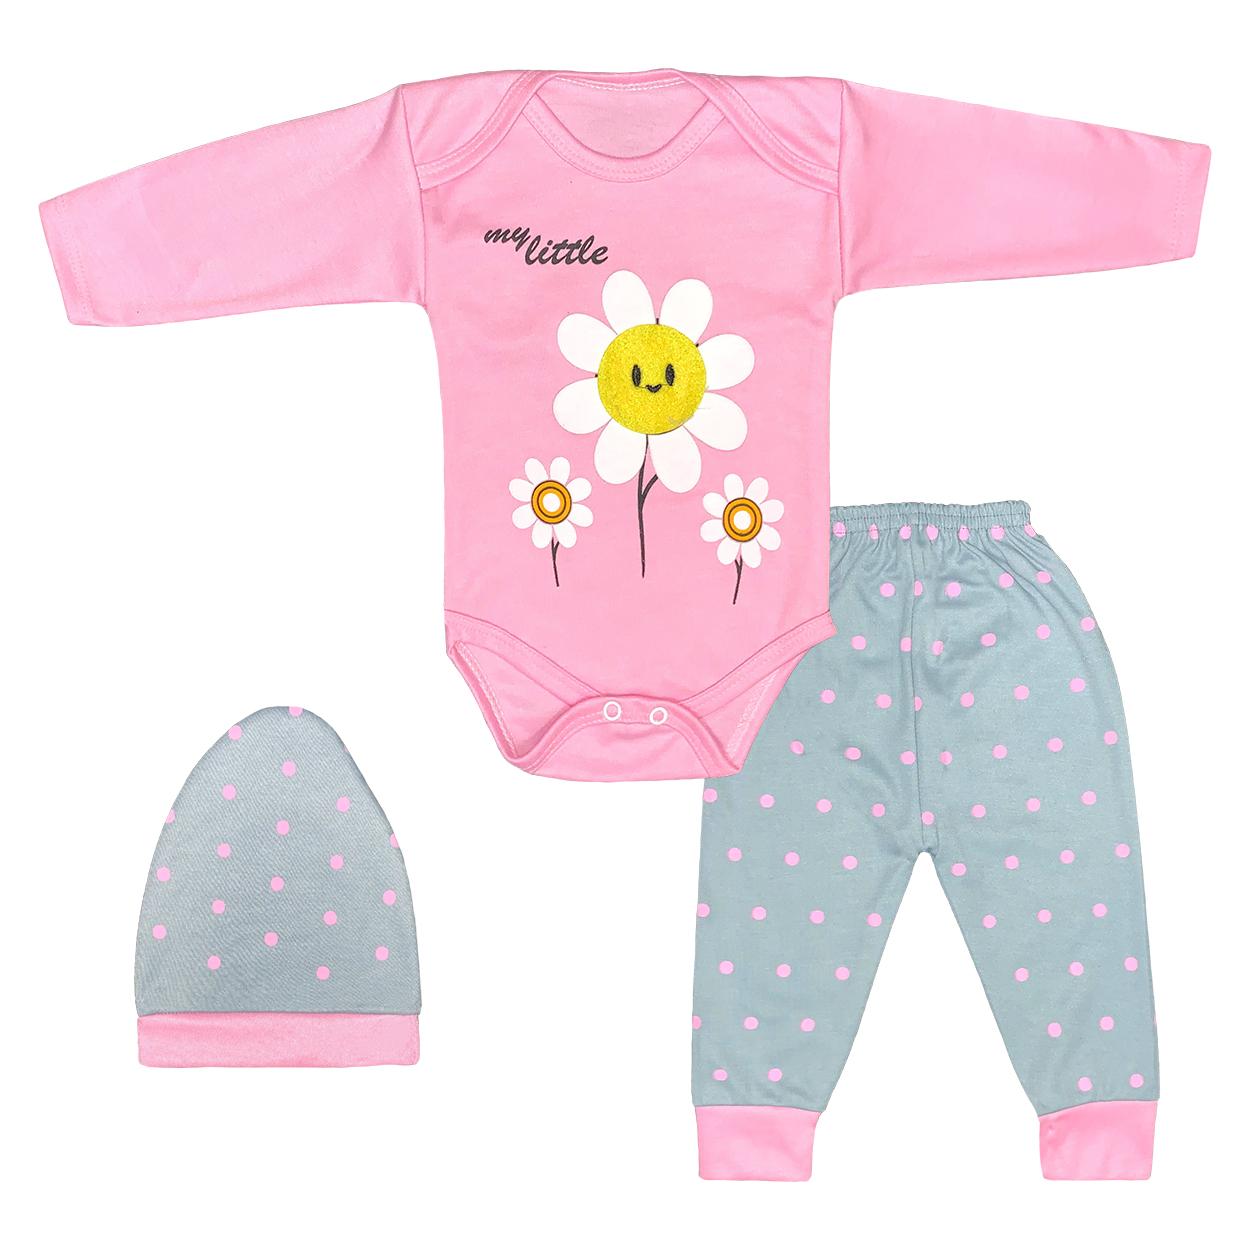 ست 3 تکه لباس نوزادی دخترانه طرح آفتابگردان کد FF-176